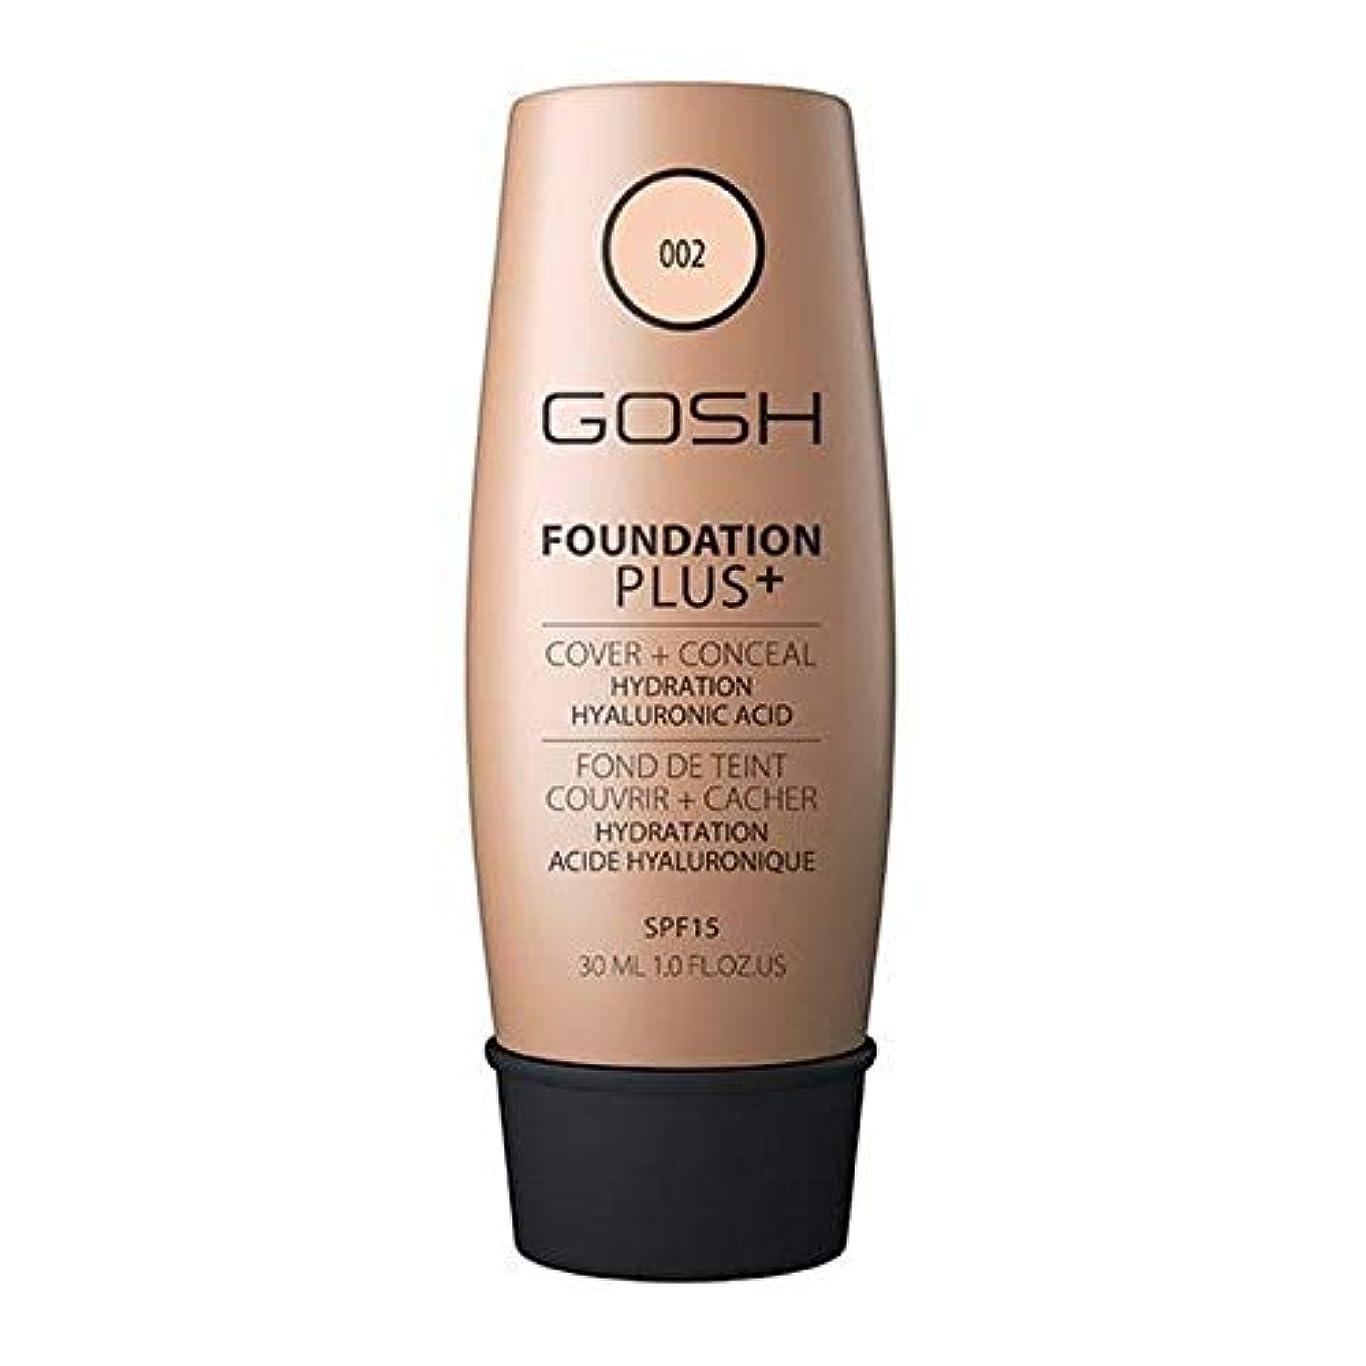 スピン上下するヒップ[GOSH ] おやっ基礎プラス+アイボリー002 - Gosh Foundation Plus+ Ivory 002 [並行輸入品]